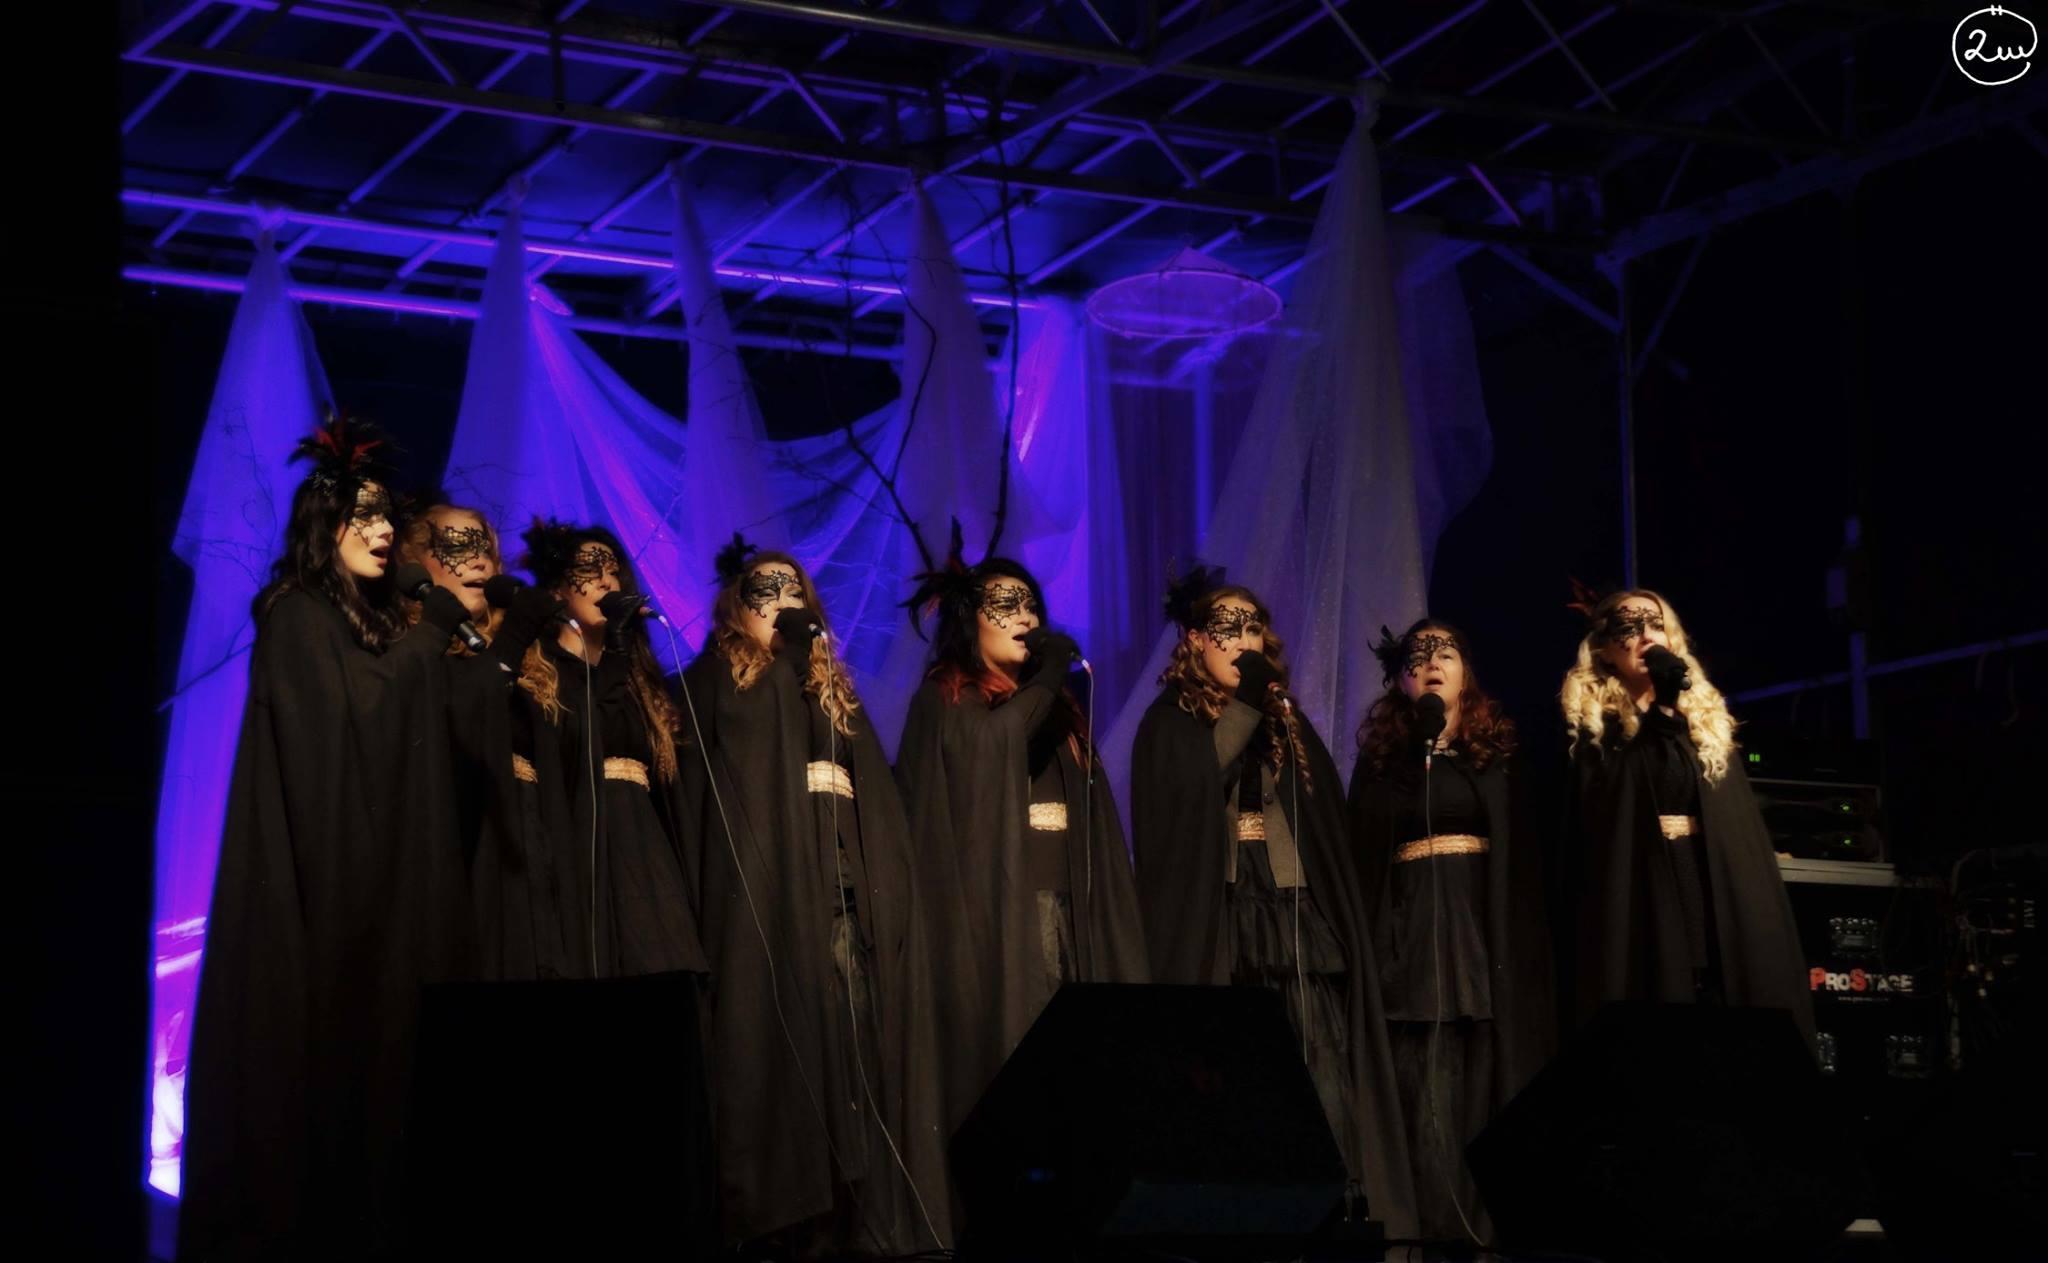 Vokalgruppen Dimmeraryn medverkar i showen Lucia i folktron med sin stämsång.